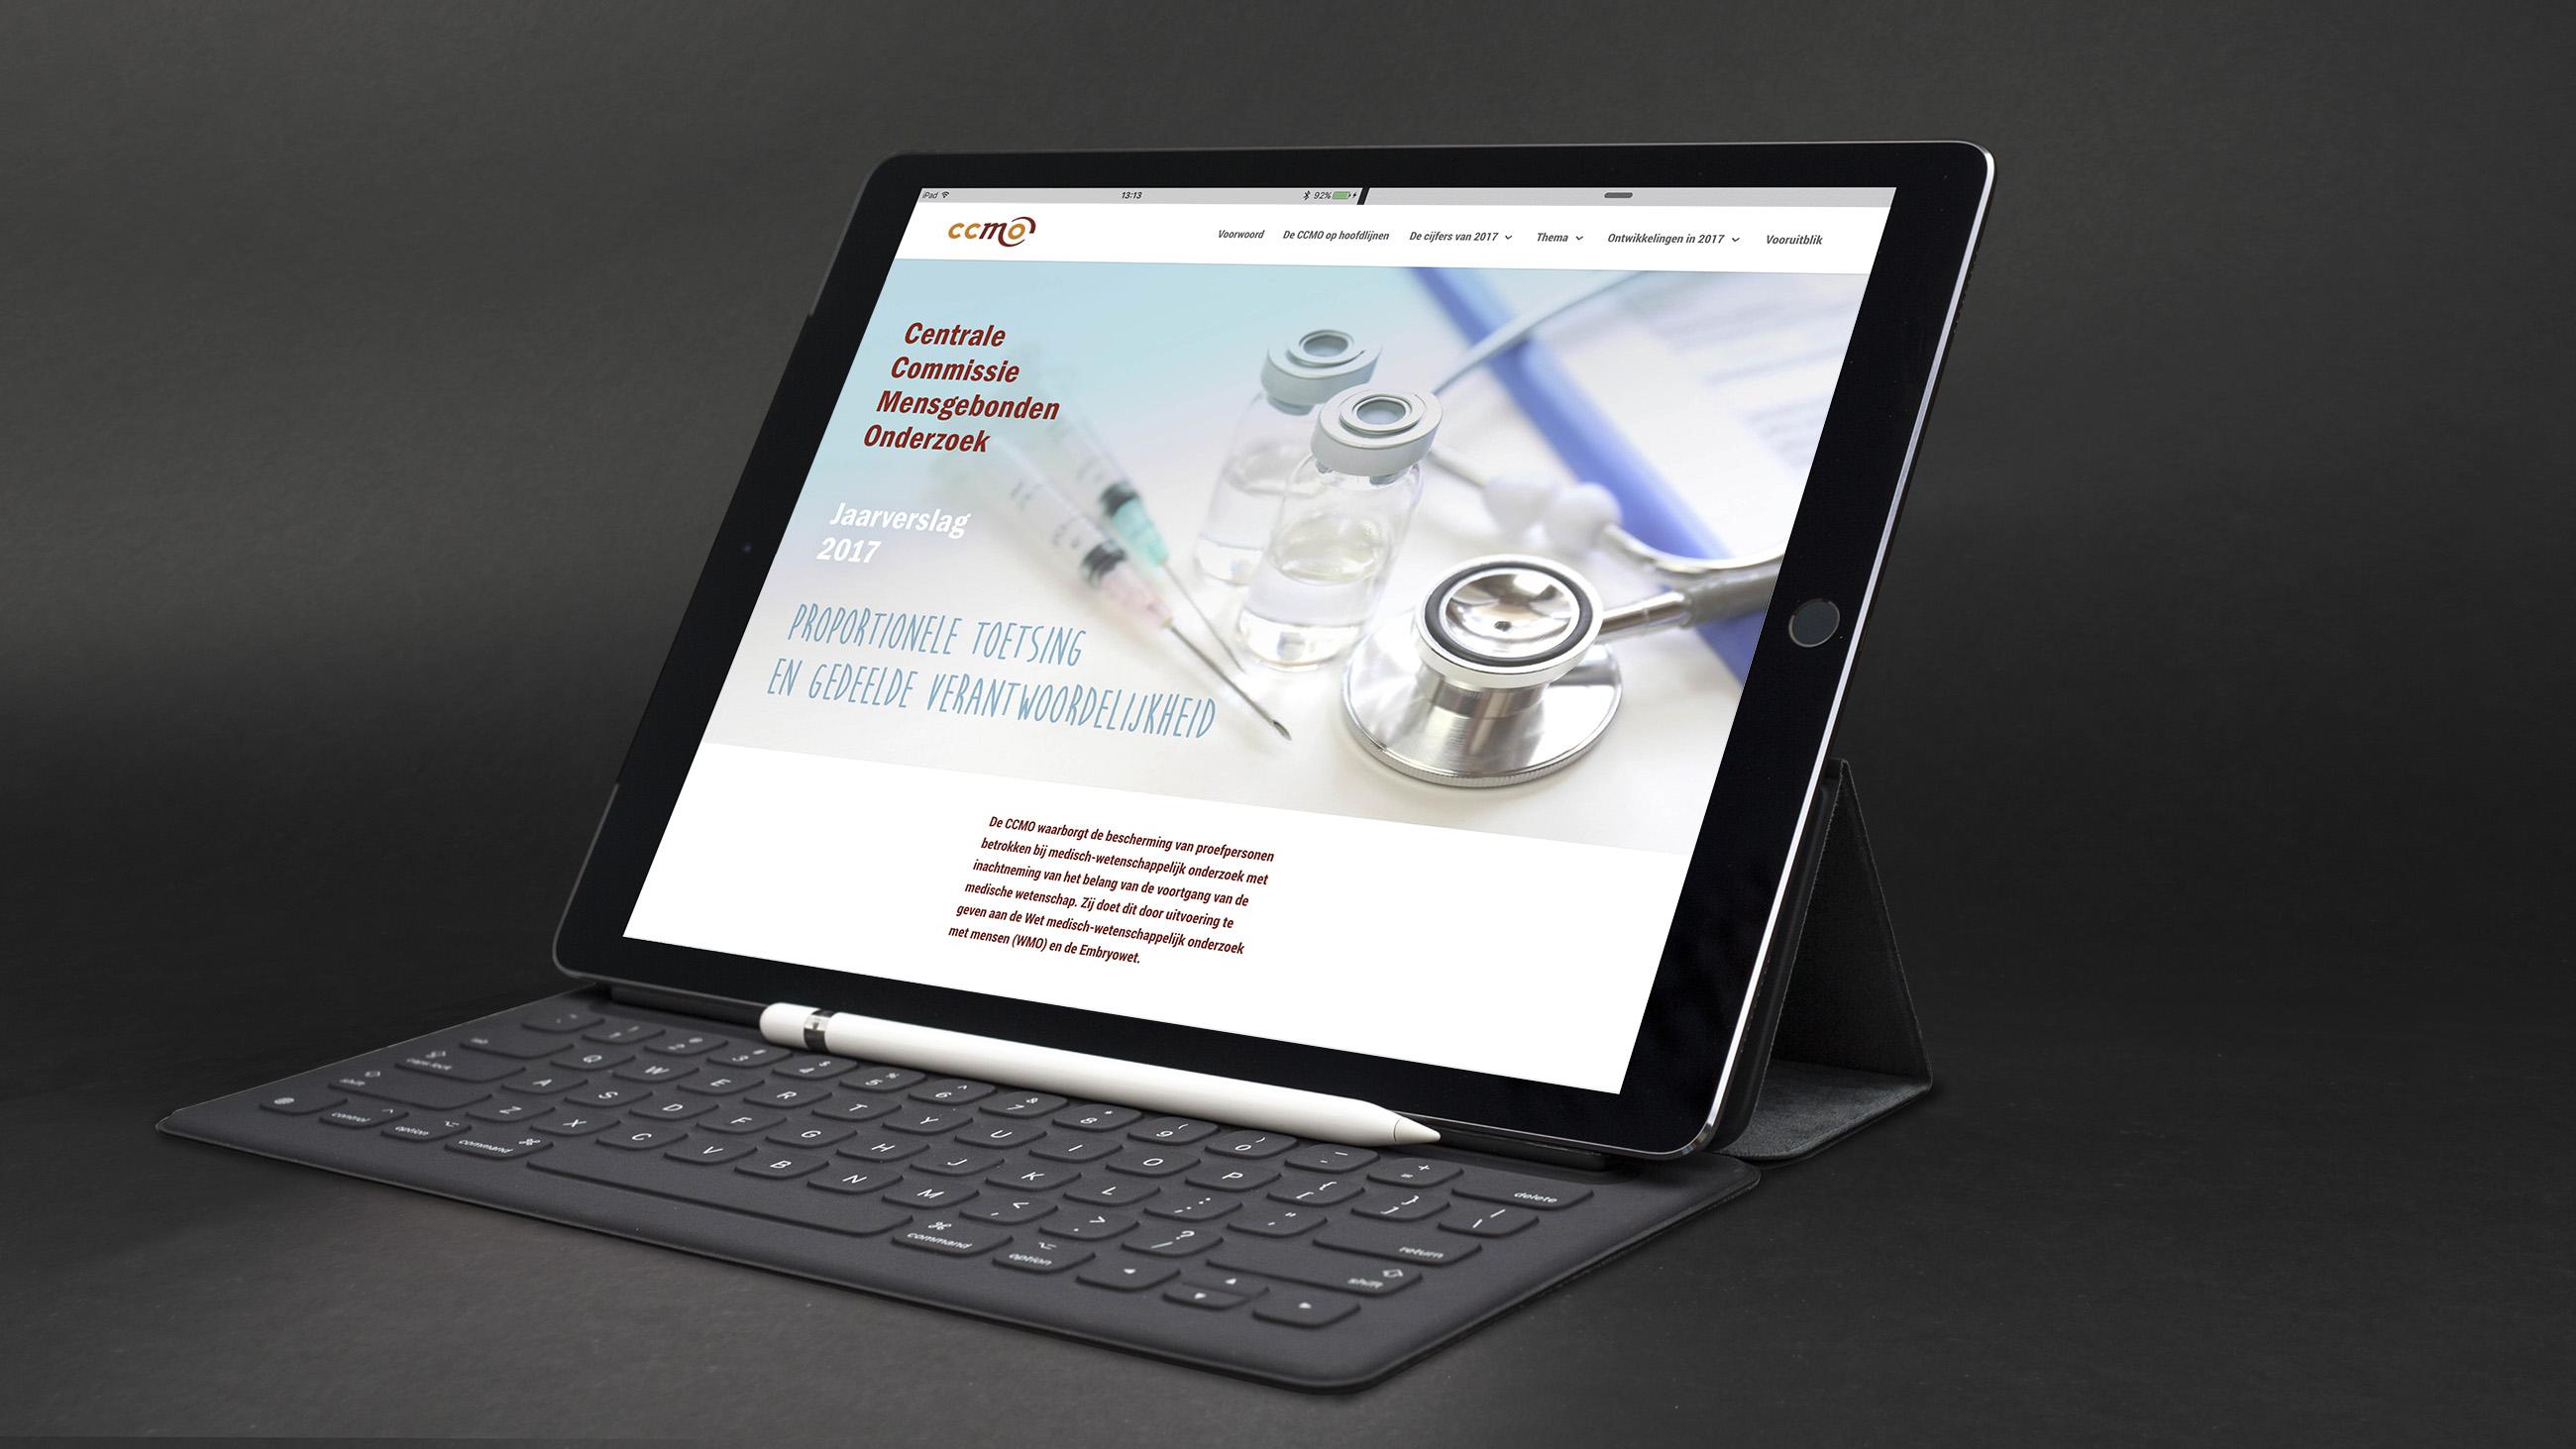 Jaarverslag CCMO 2016 op laptop, Website, Ontwerp en bouw Neo & Co